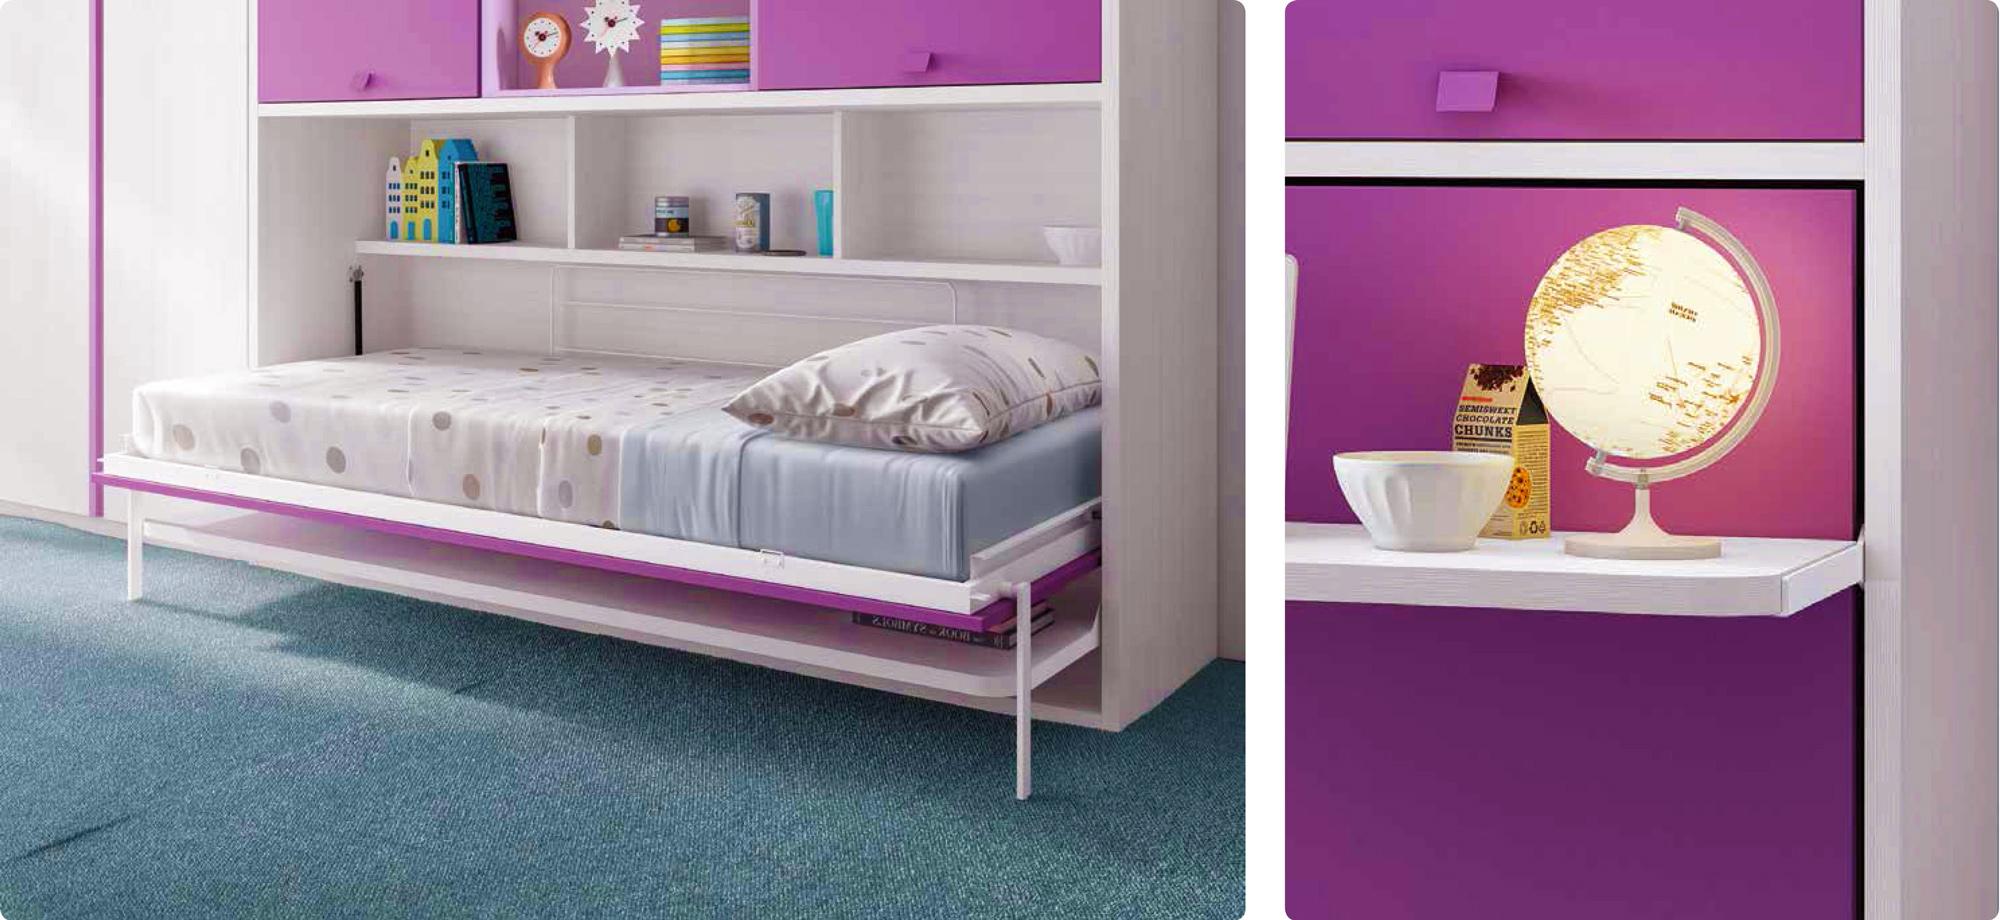 Le guide d 39 achat du lit escamotable mural ou lit rabattable for Lit armoire escamotable rabattable